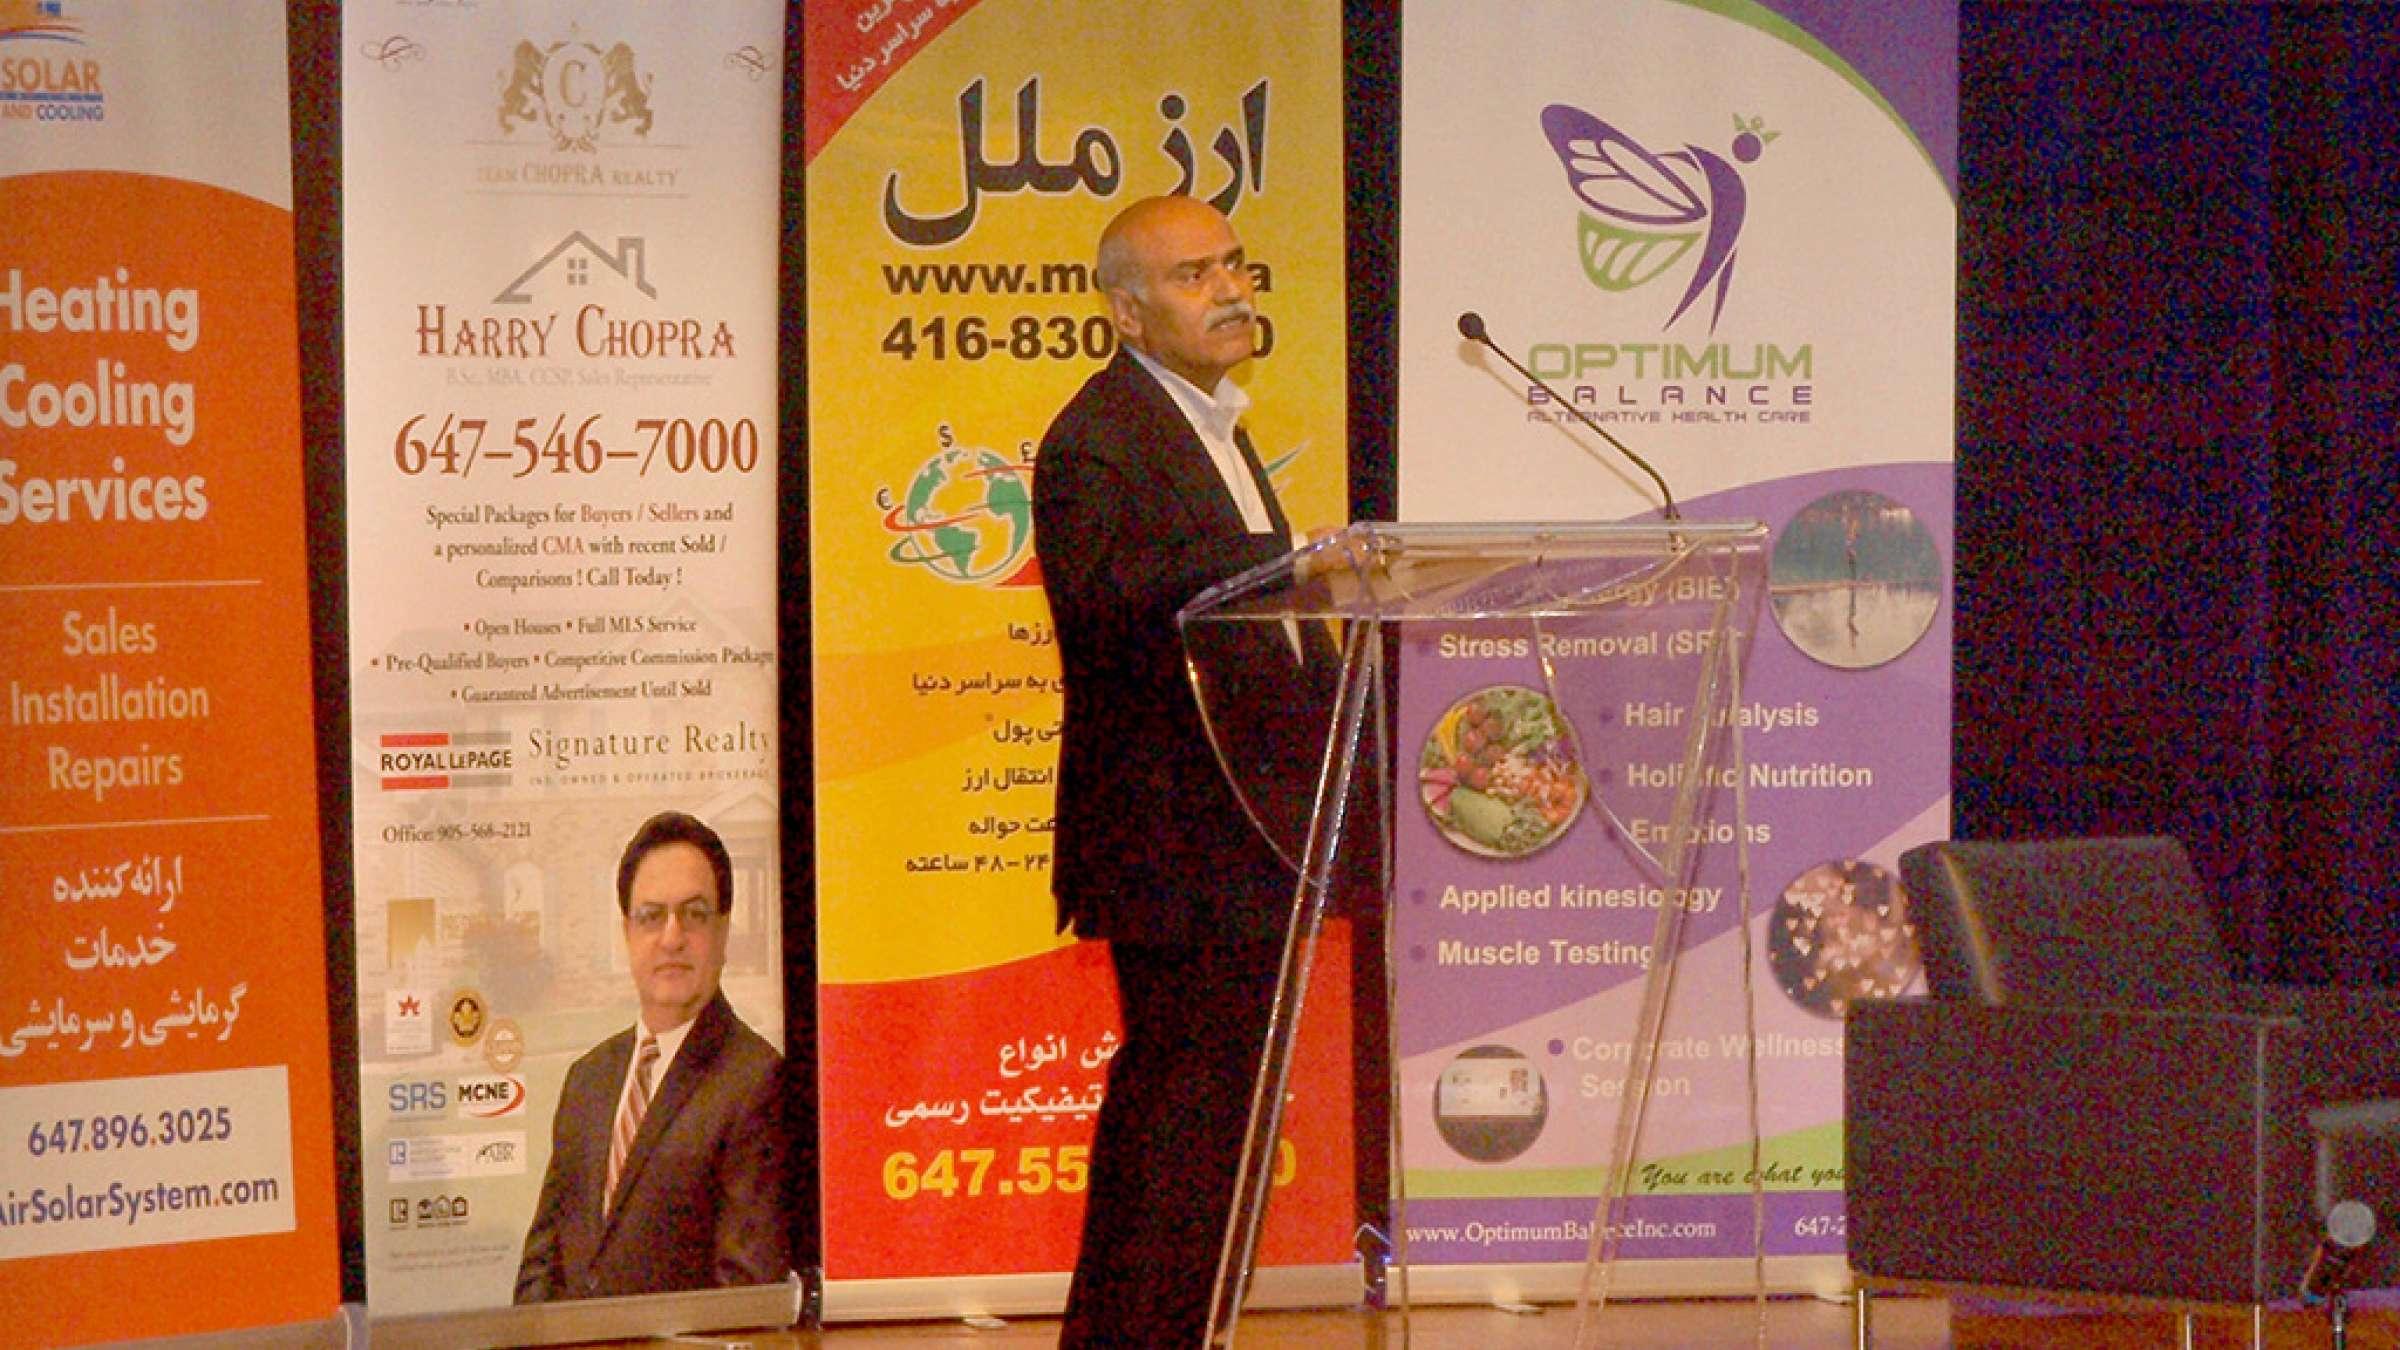 گزارش-روز-برگزاری-بزرگترین-سمینار-سرطان-ایرانیان-در-کانادا-دکتر-محمدرضا-کاظمی